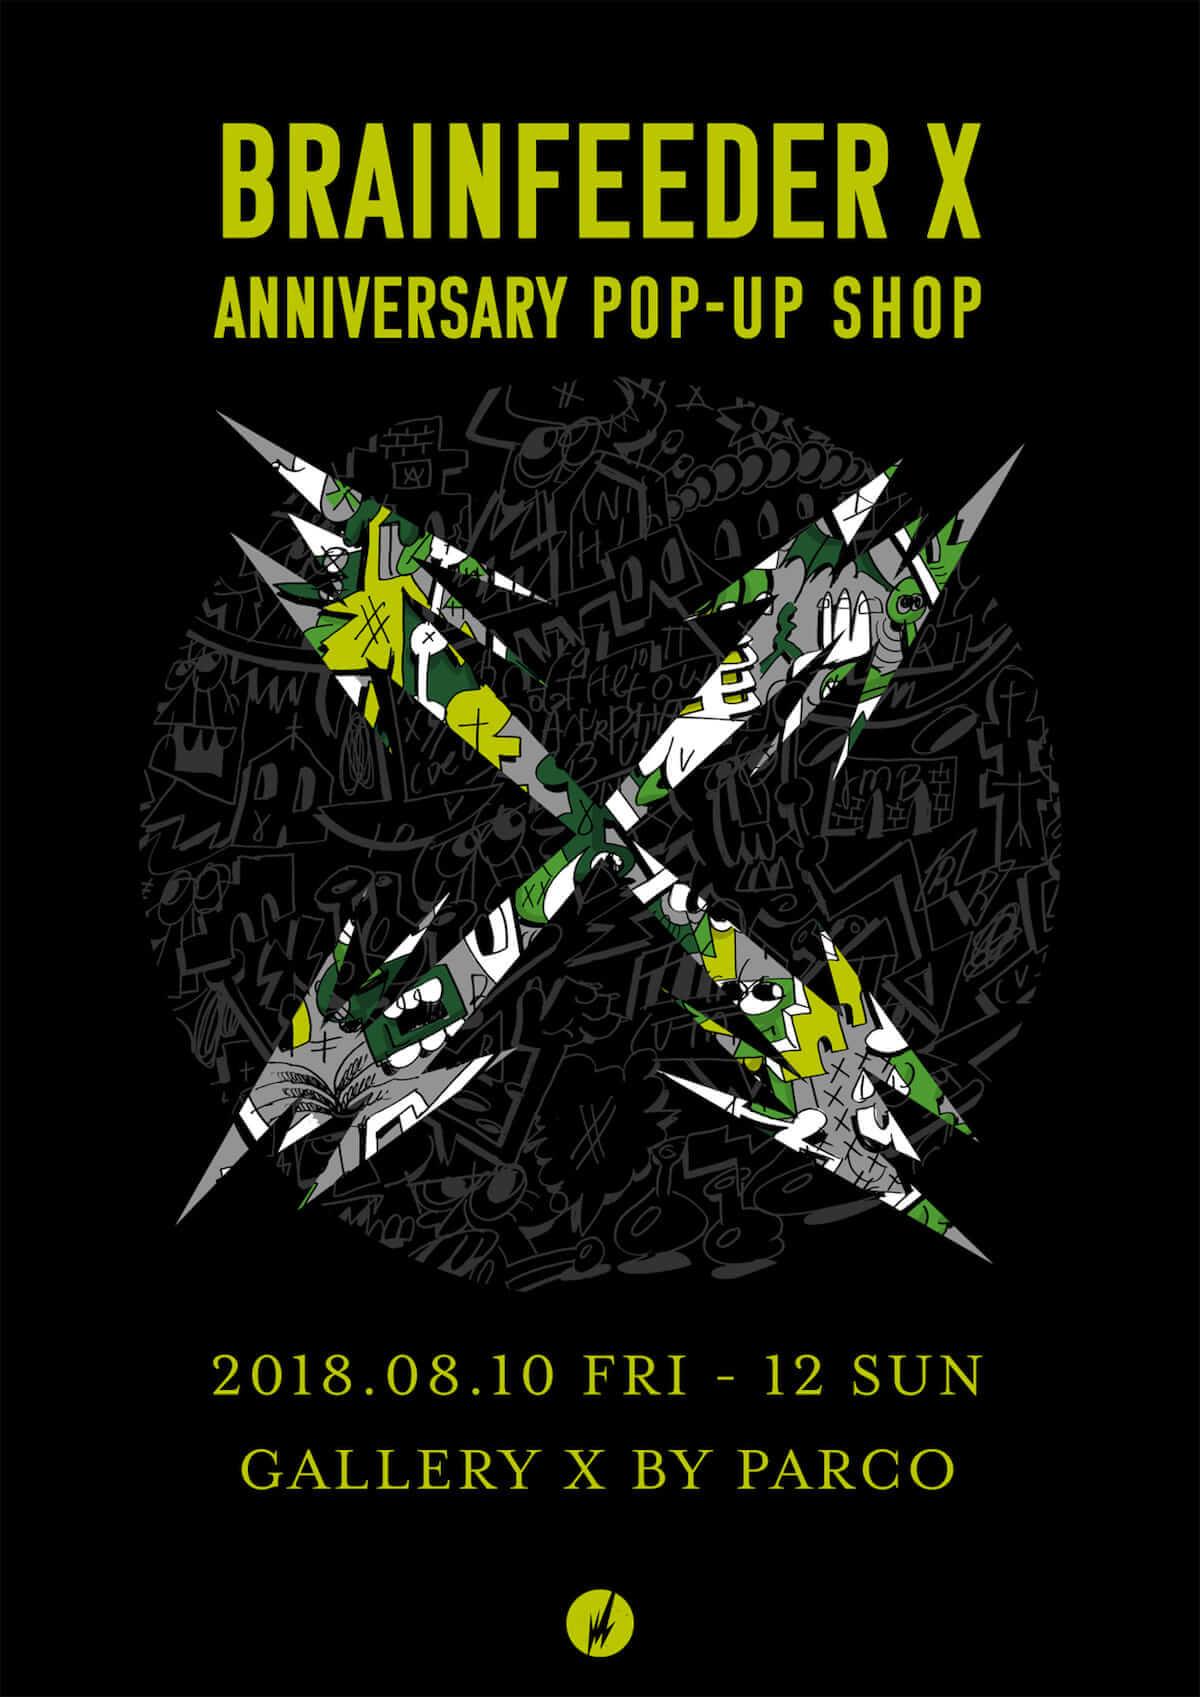 フライング・ロータス主宰レーベル 〈BRAINFEEDER〉10周年記念ポップアップショップが日本初開催決定! music180712_brainfeeder_1-1200x1697